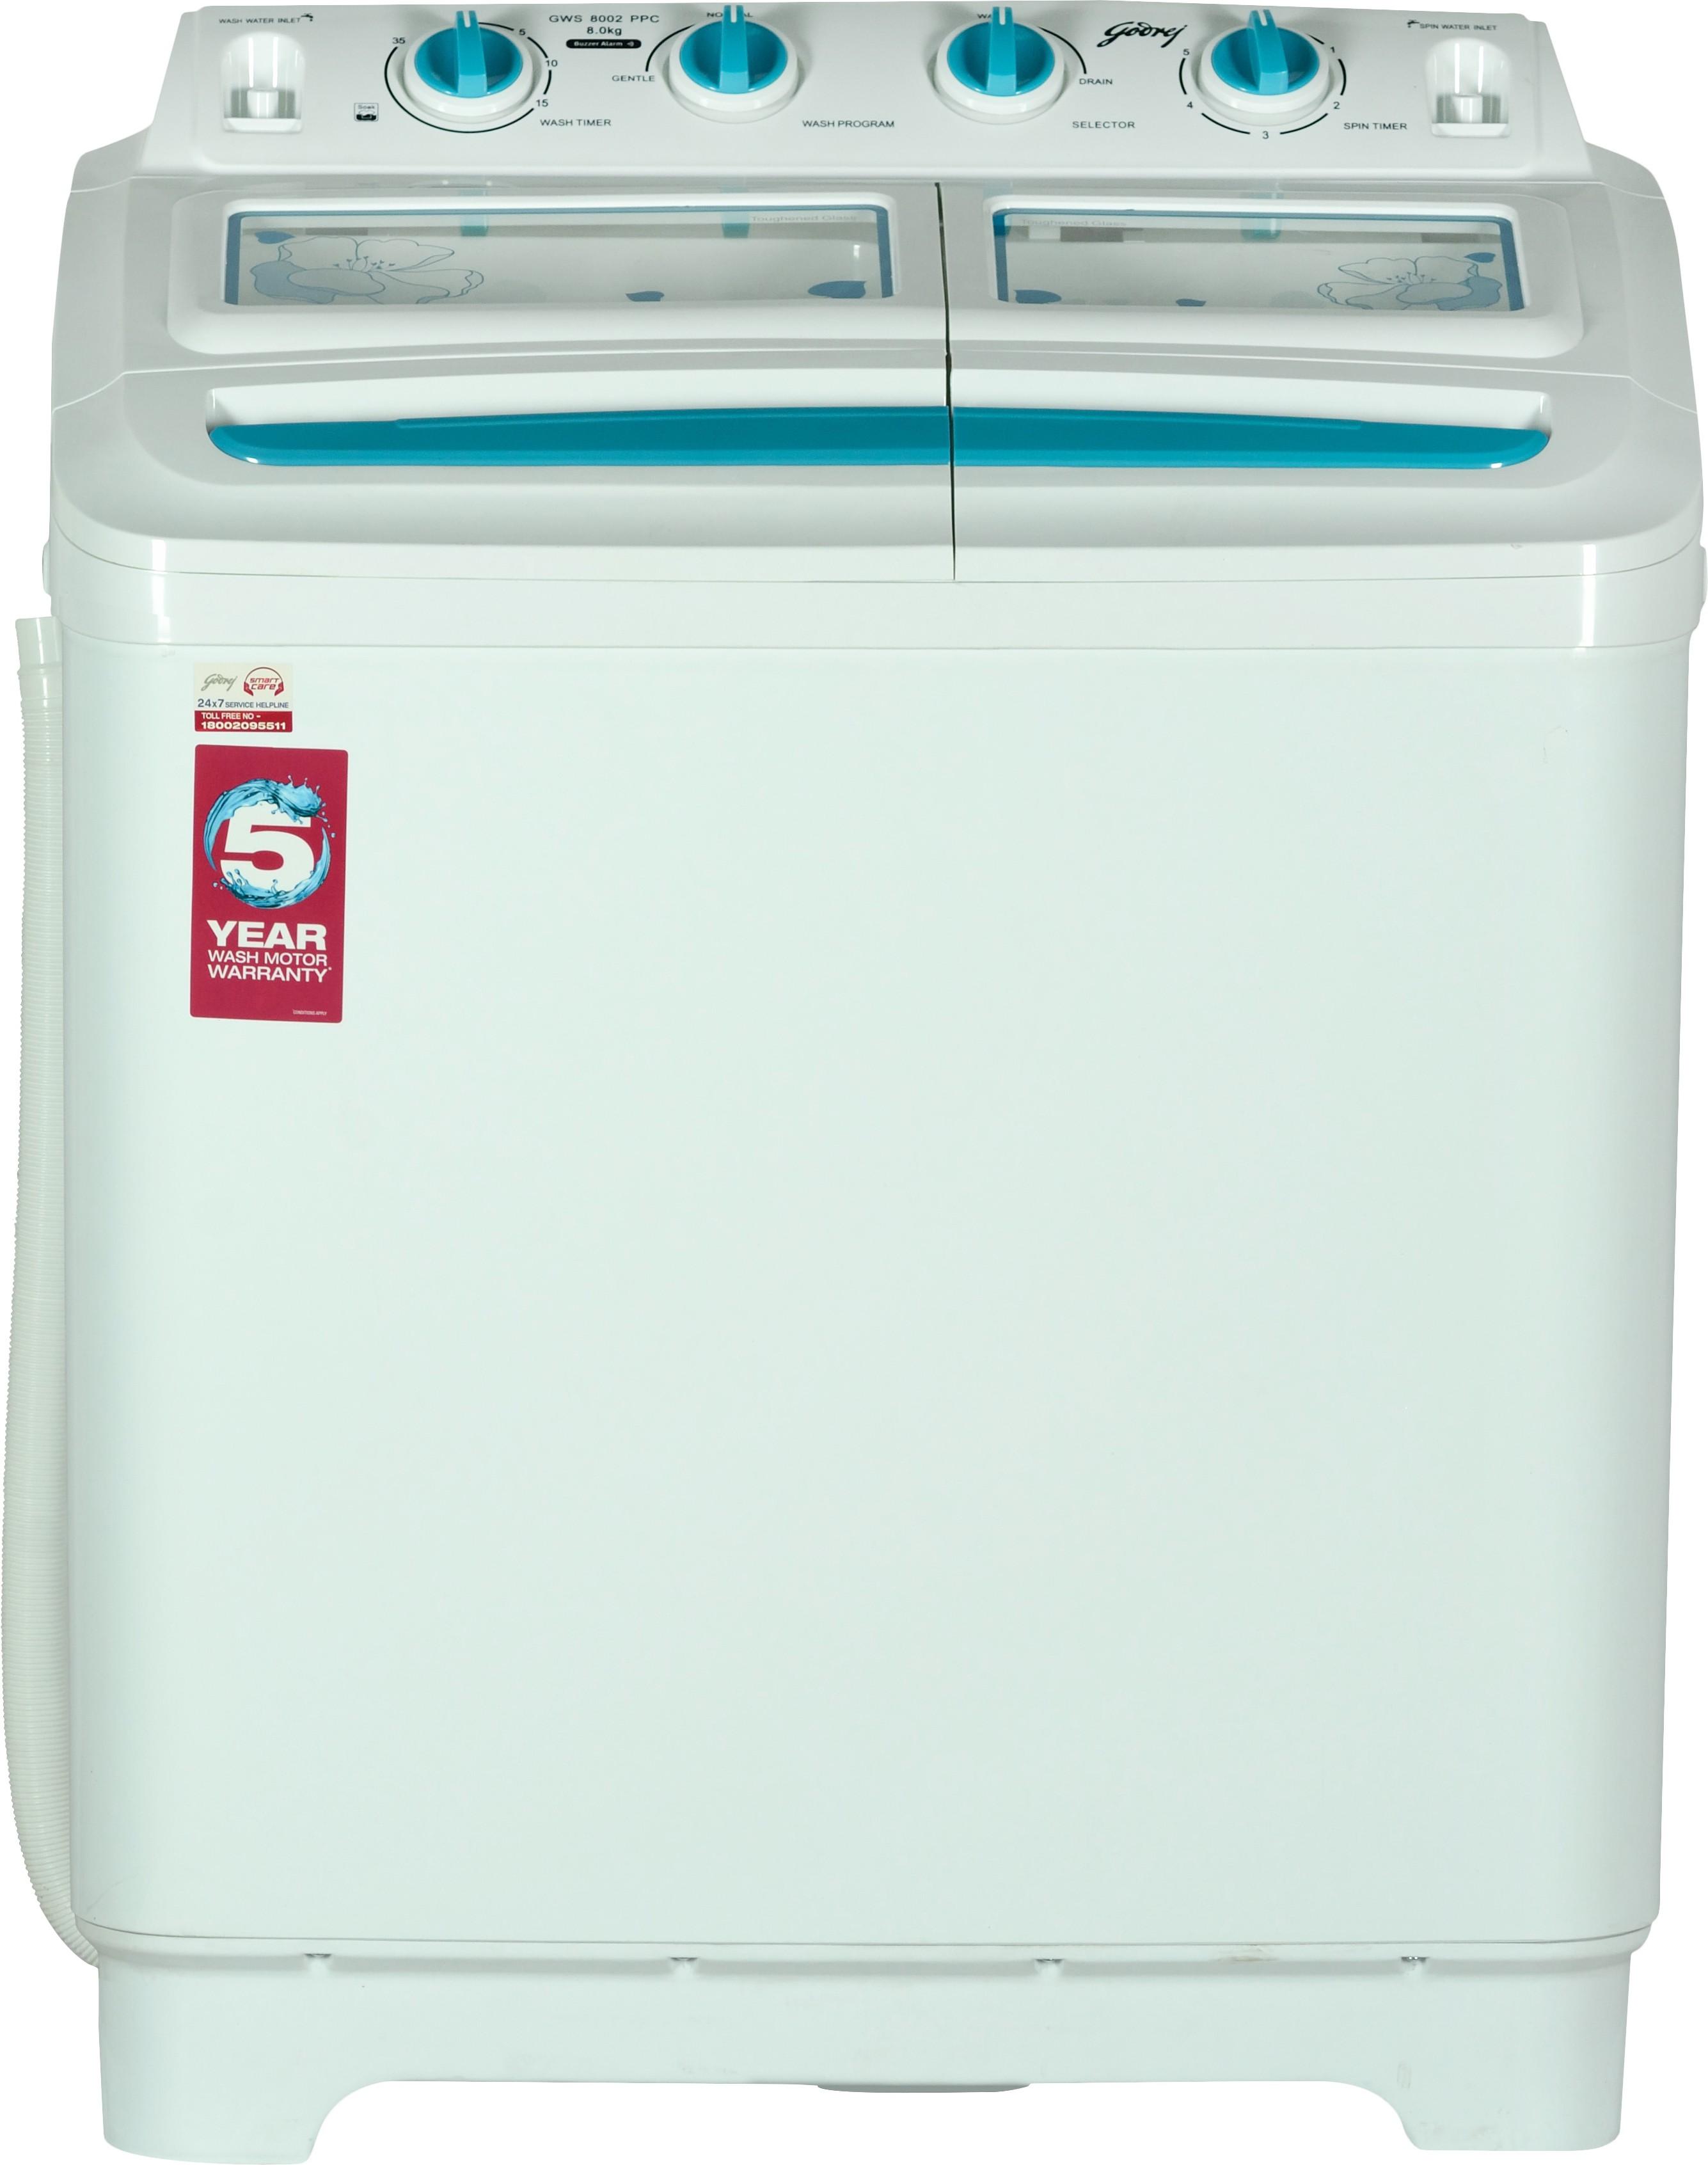 Godrej Semi Automatic Top Load (GWS 8002 PPC Aqua ) Image